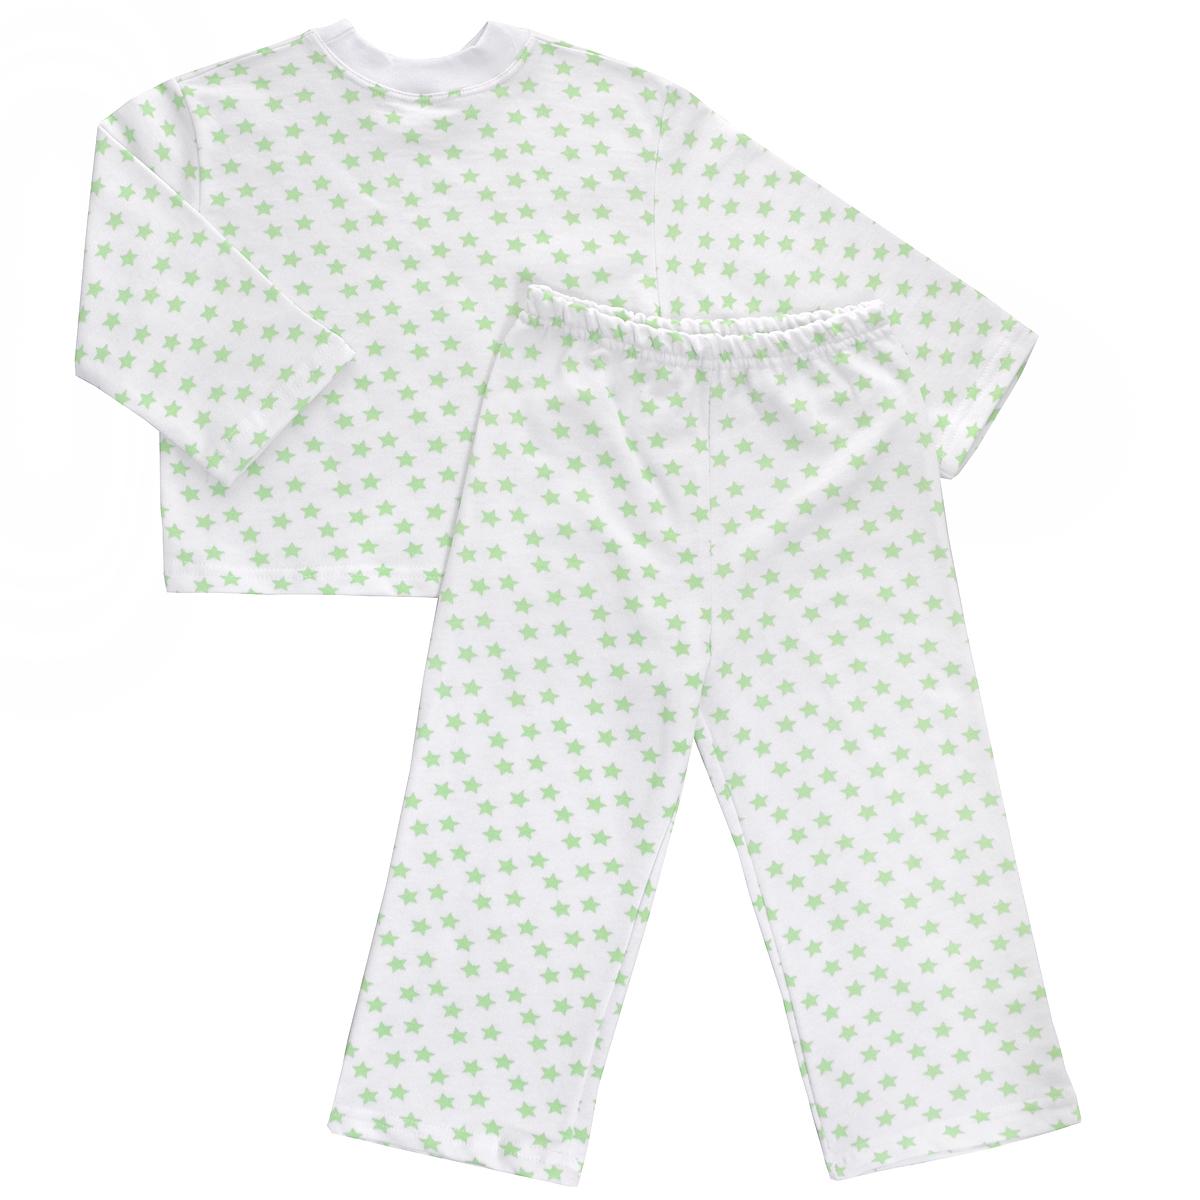 5553Яркая детская пижама Трон-плюс, состоящая из кофточки и штанишек, идеально подойдет вашему малышу и станет отличным дополнением к детскому гардеробу. Теплая пижама, изготовленная из набивного футера - натурального хлопка, необычайно мягкая и легкая, не сковывает движения ребенка, позволяет коже дышать и не раздражает даже самую нежную и чувствительную кожу малыша. Кофта с длинными рукавами имеет круглый вырез горловины. Штанишки на удобной резинке не сдавливают животик ребенка и не сползают. В такой пижаме ваш ребенок будет чувствовать себя комфортно и уютно во время сна.